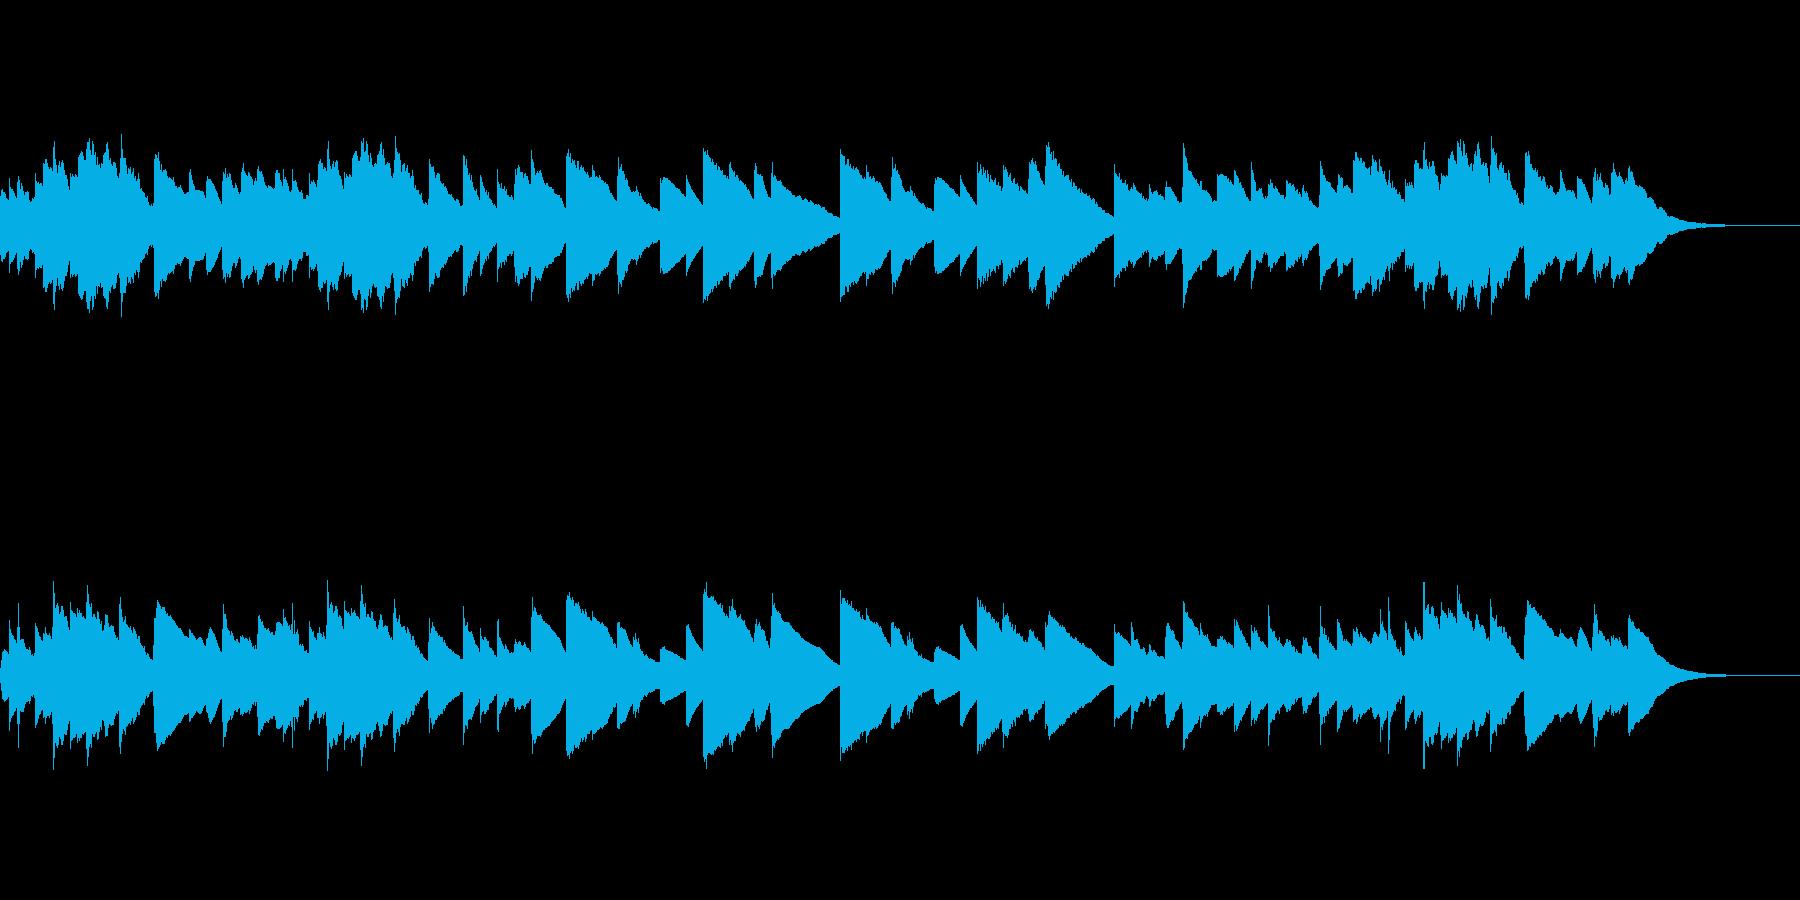 感動的で温かい癒しのチェレスタ曲(1分弱の再生済みの波形